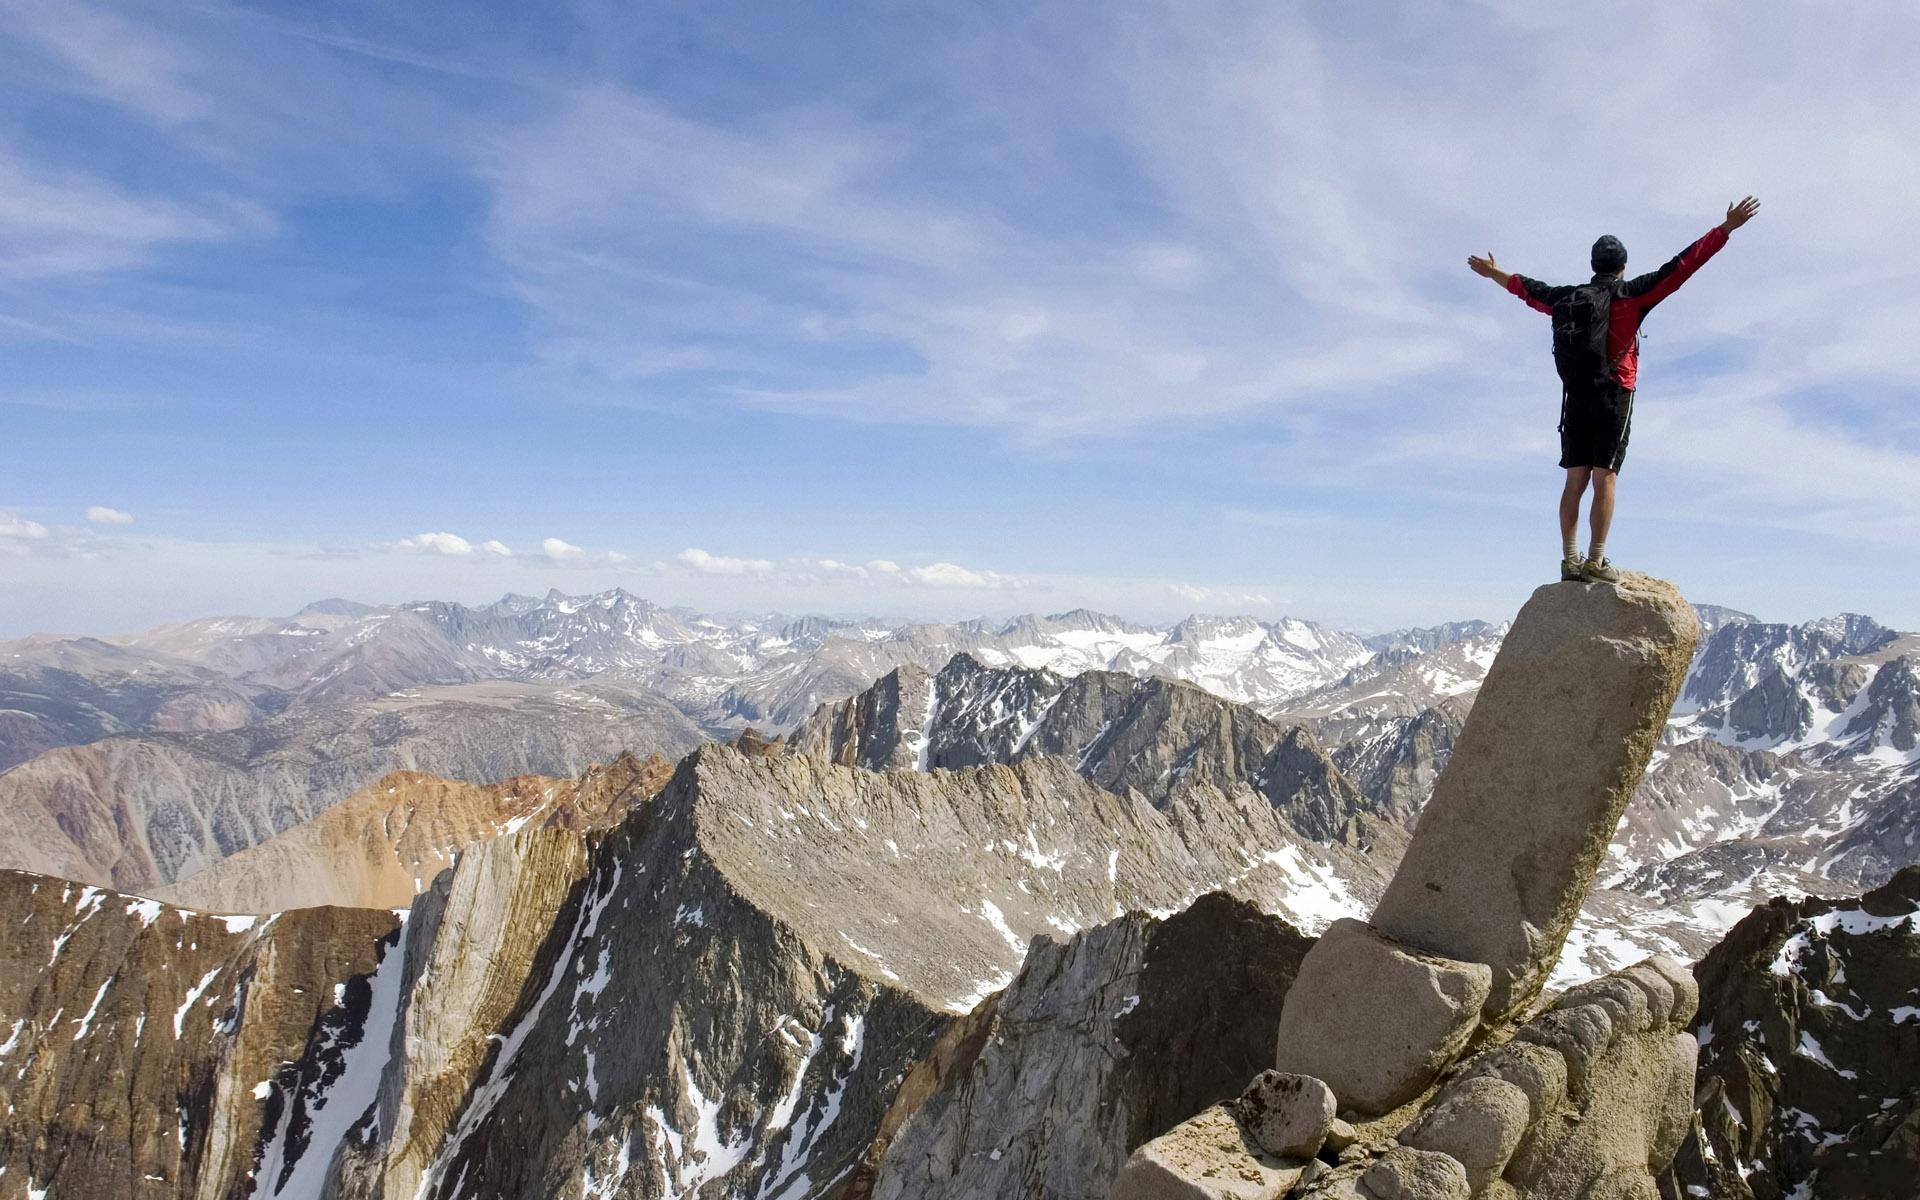 природа горы спорт скалолазание  № 3295480 загрузить